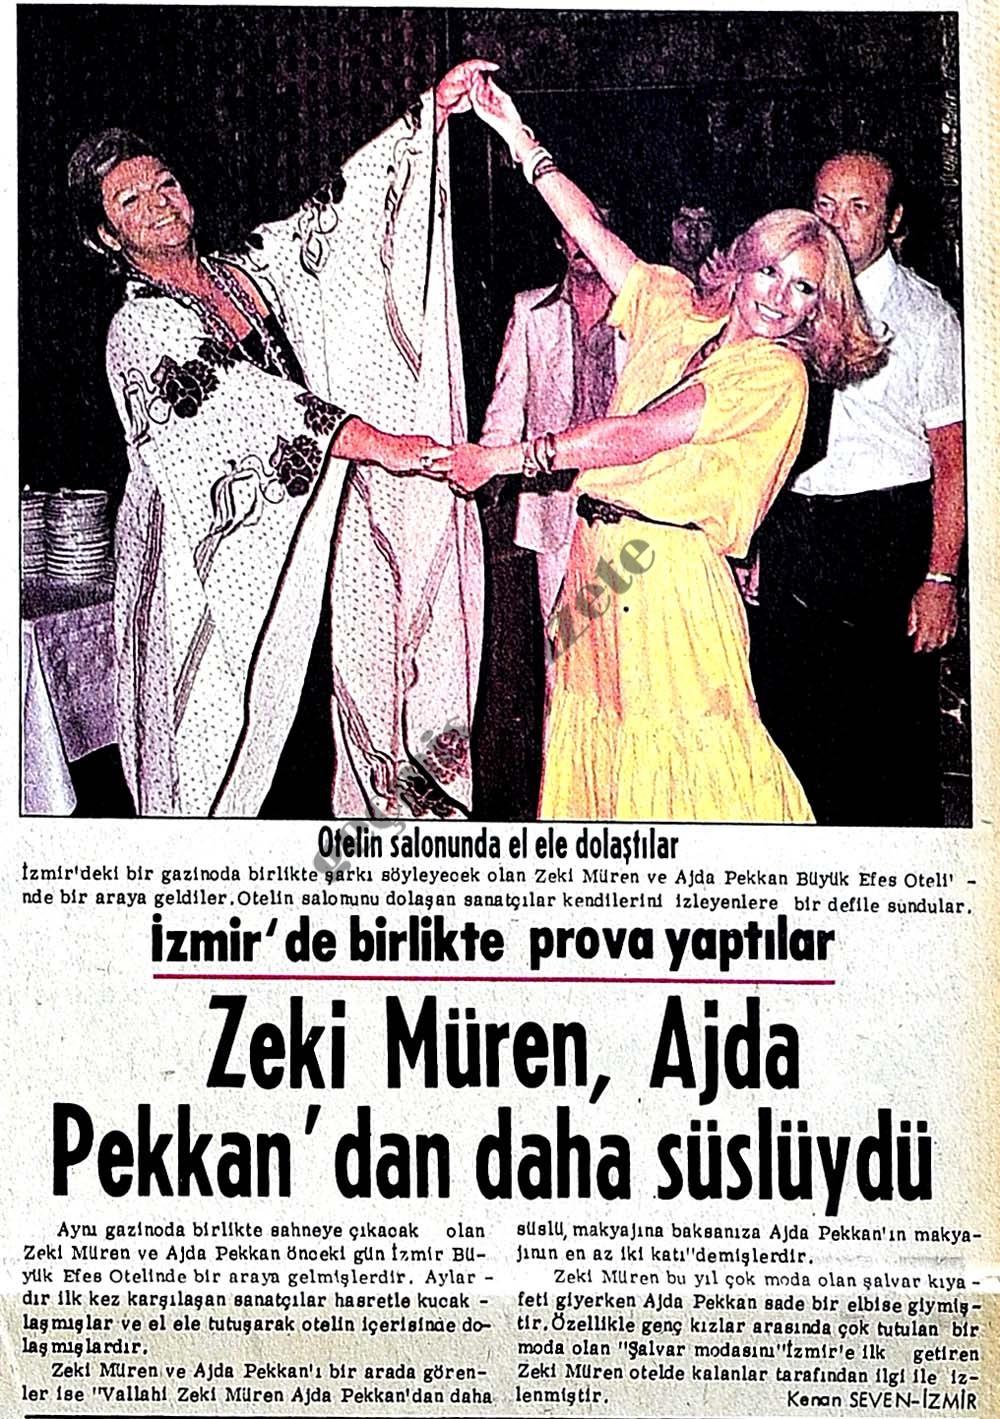 Zeki Müren, Ajda Pekkan'dan daha süslüydü